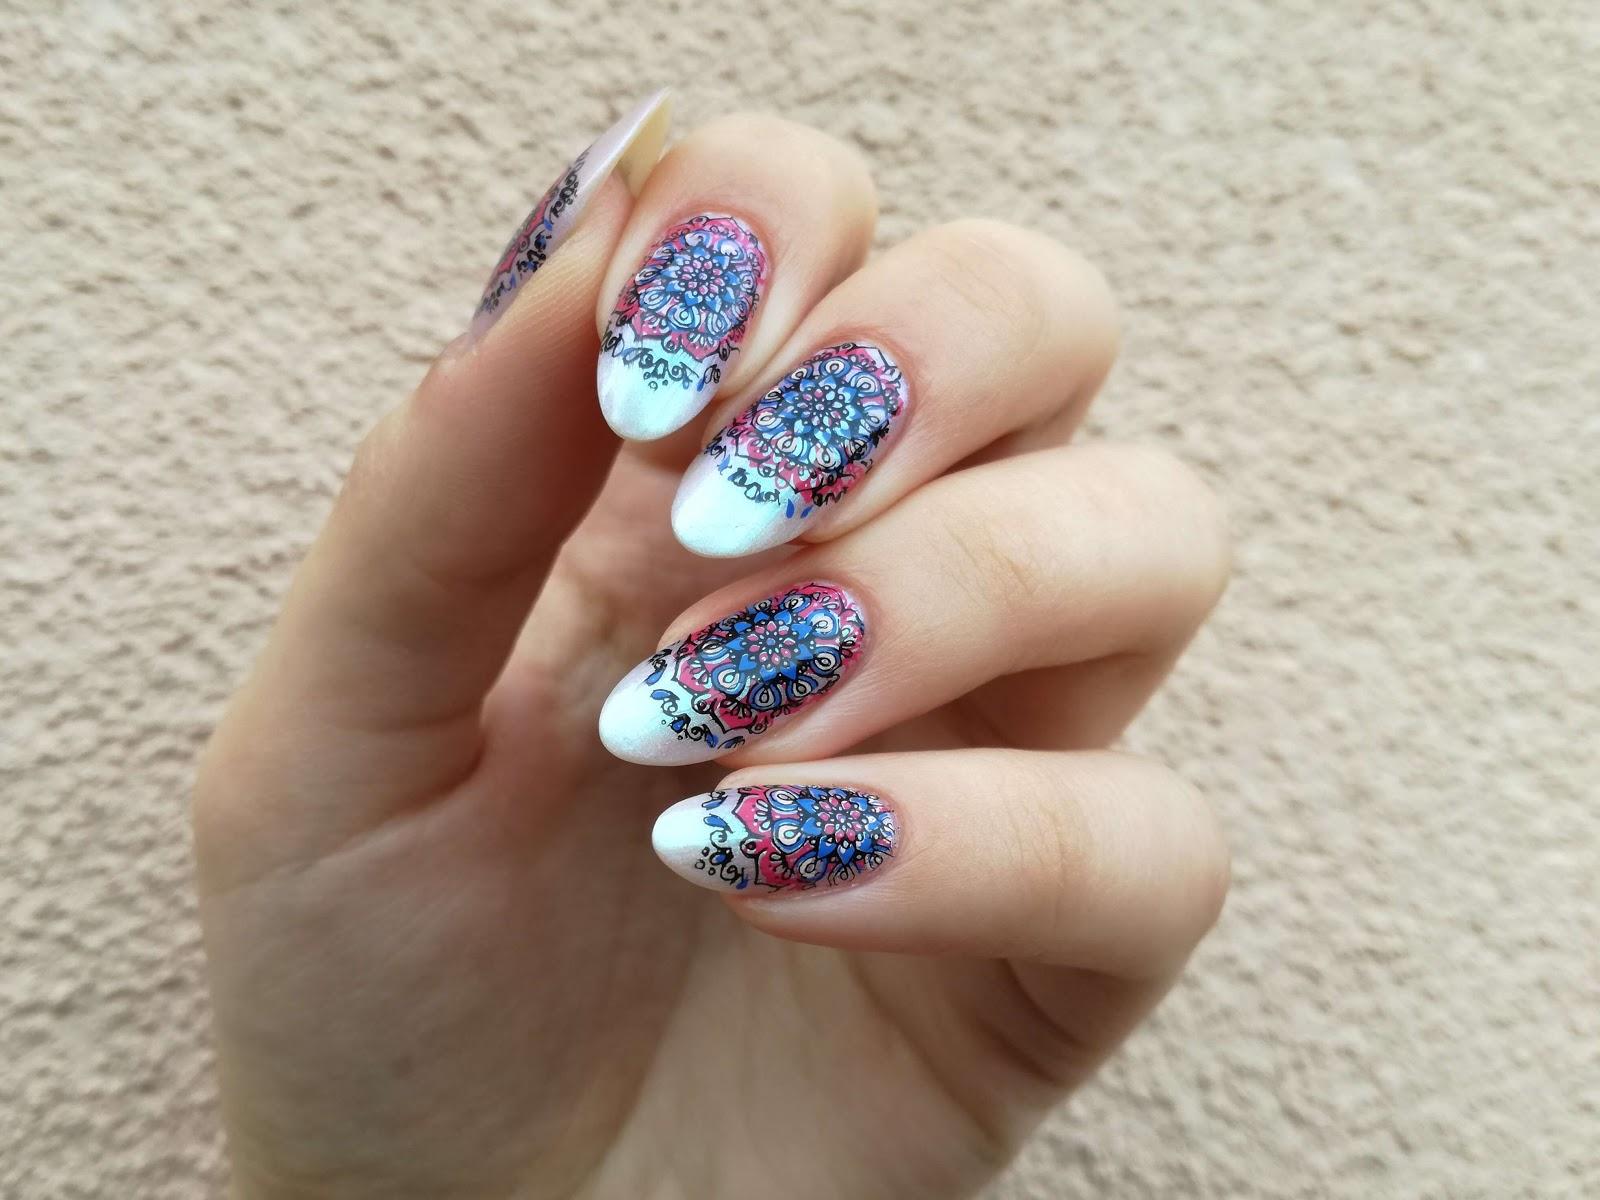 różowo-niebieskie paznokcie gotowe